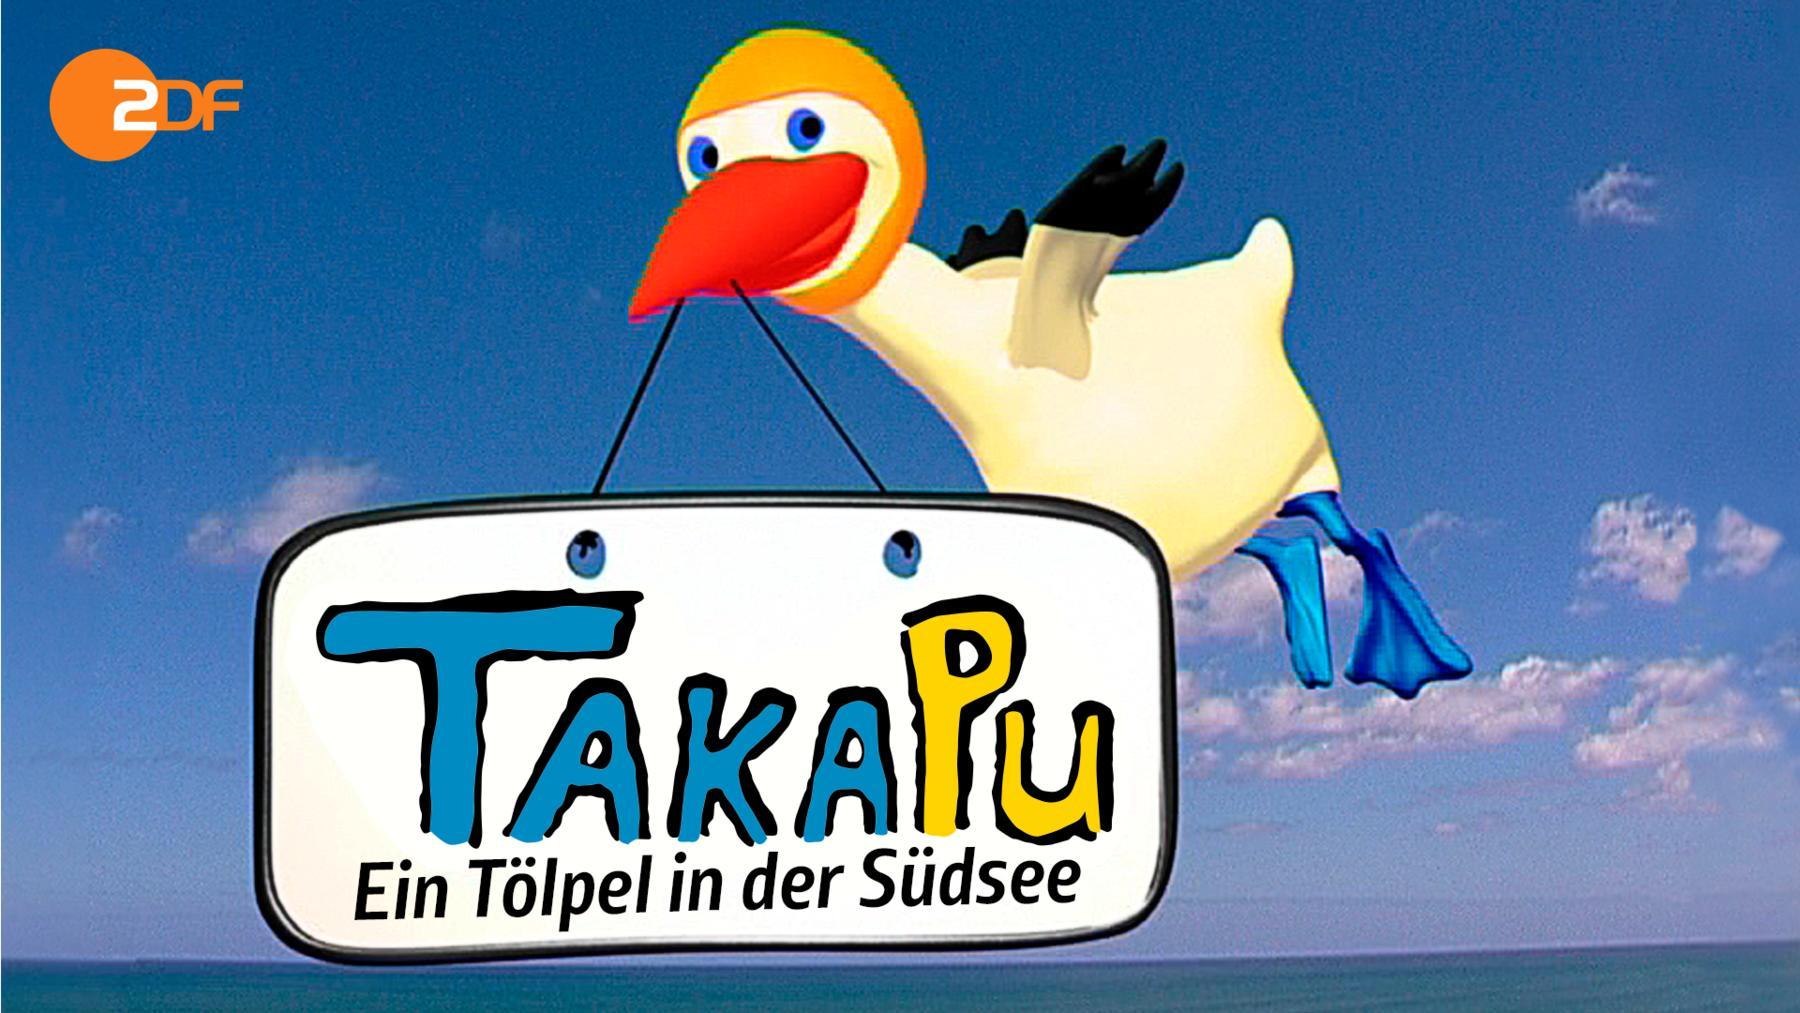 TakaPu - Ein Tölpel in der Südsee